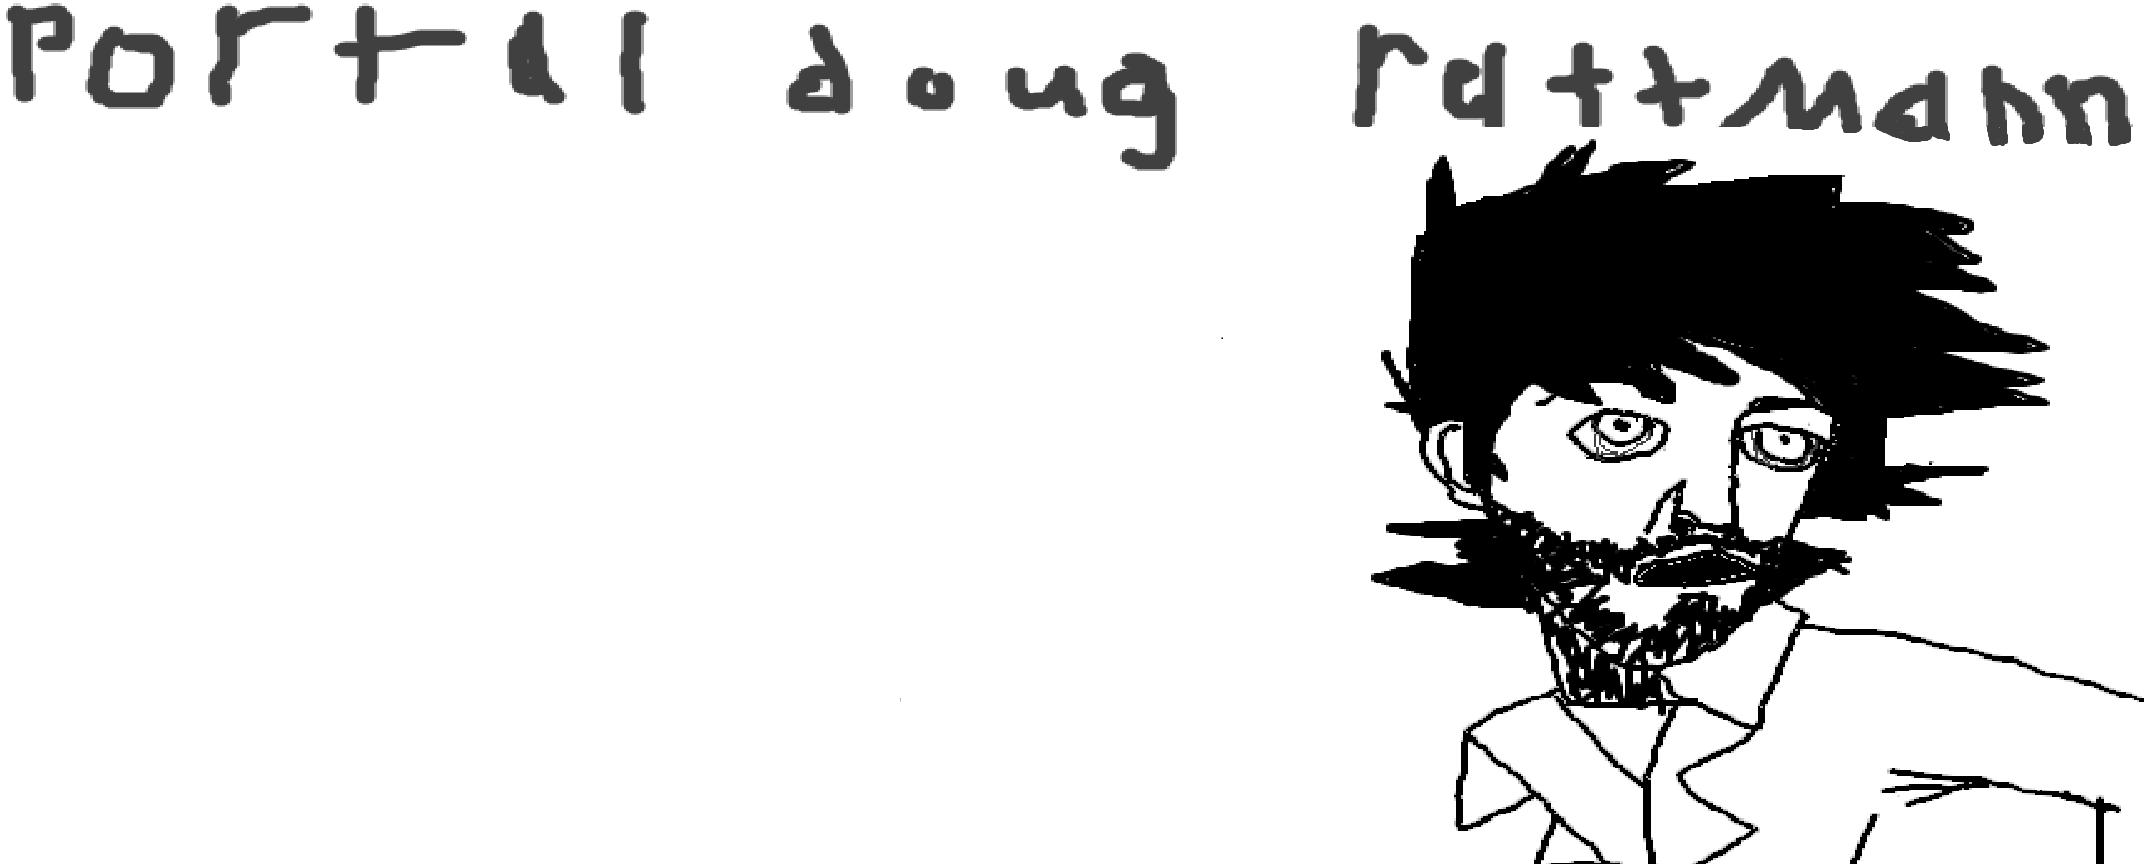 Portal Doug Rattmann